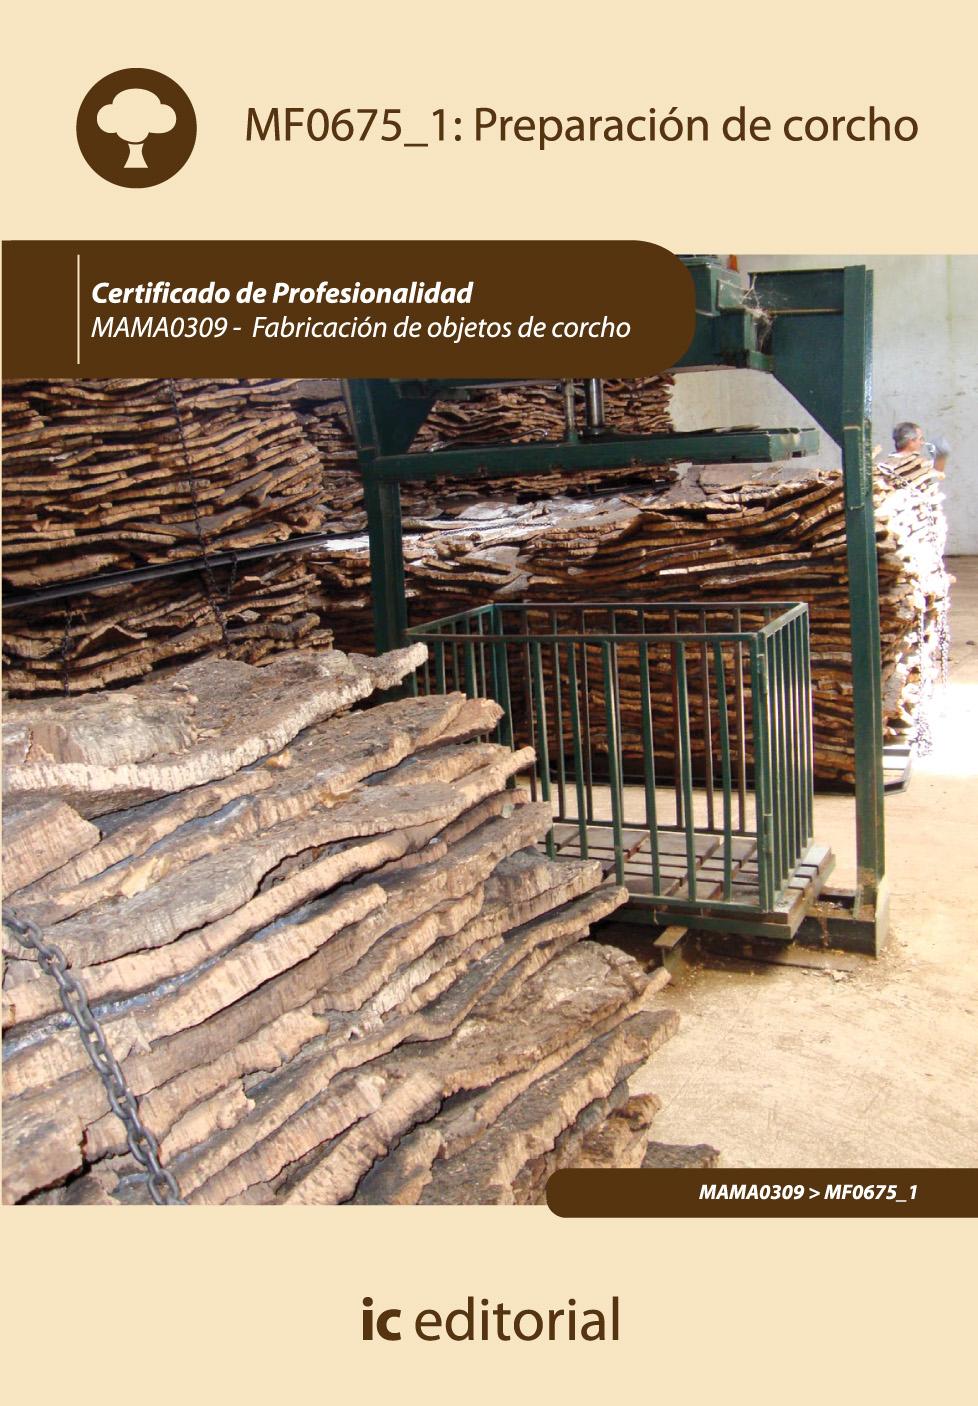 MF0675_1 preparación de corcho. mama0309 - fabricación de objetos de corcho